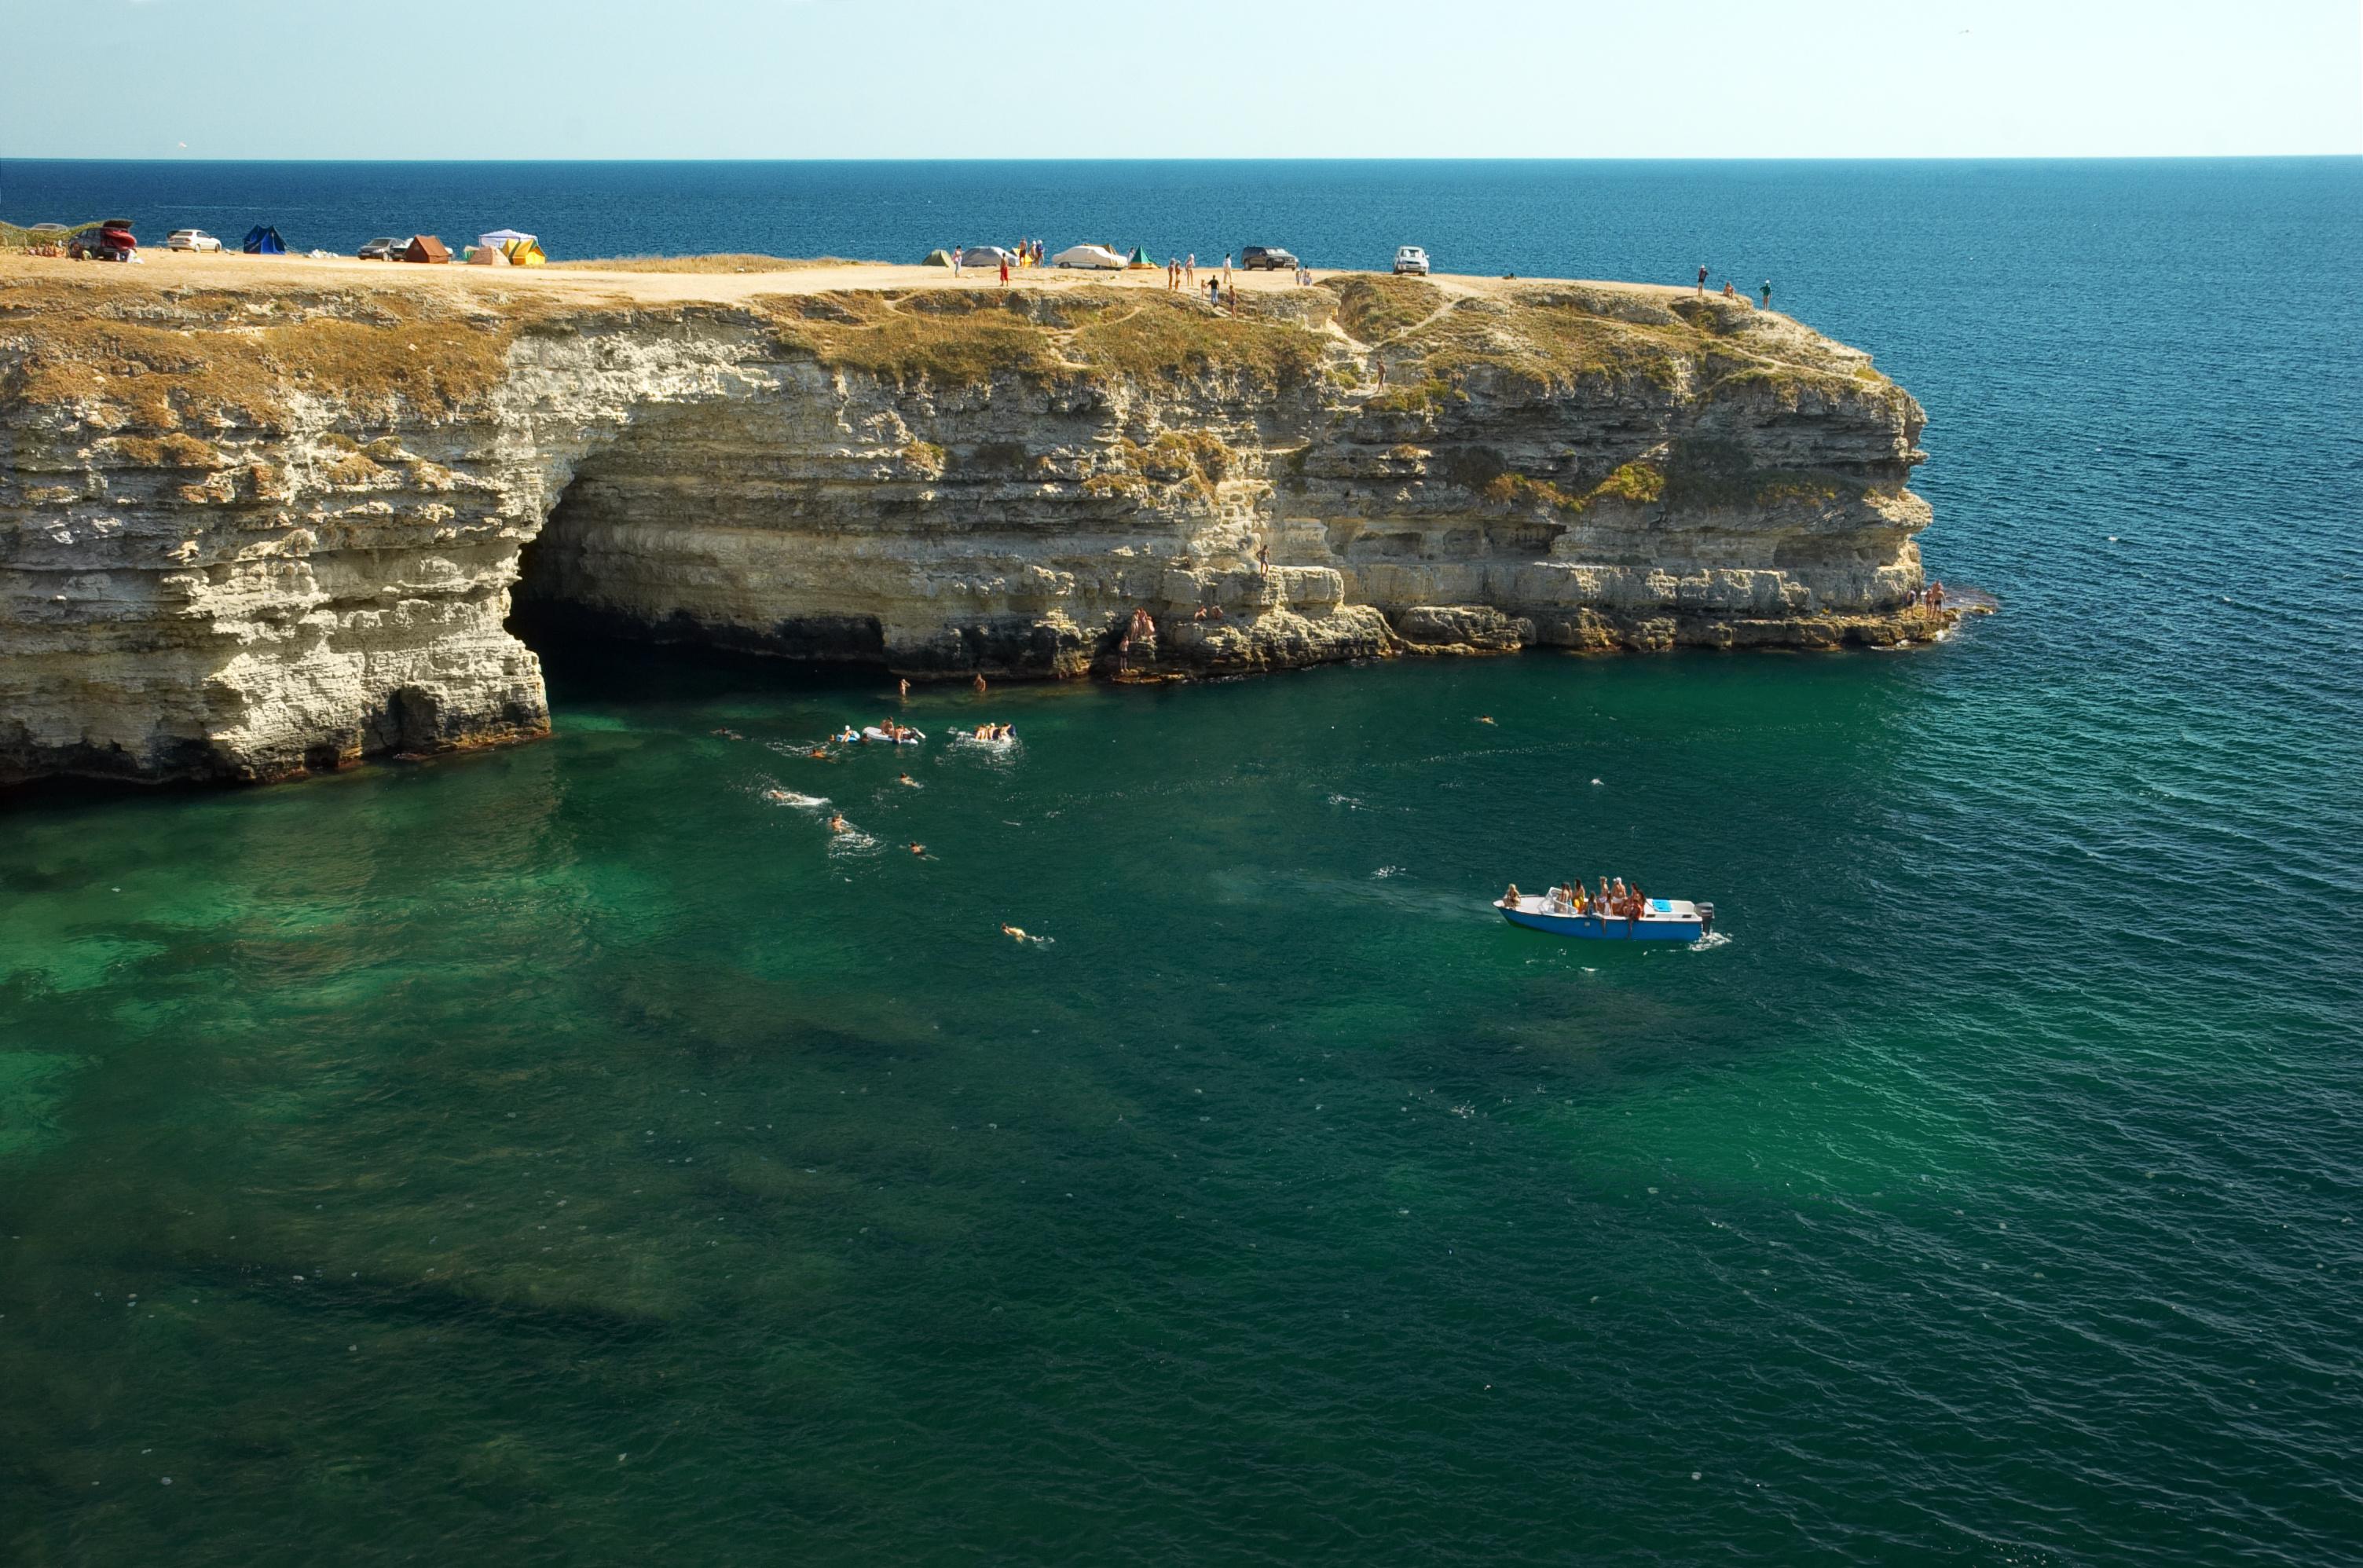 Крым сейчас 14 04 2015 крым ждет туристов